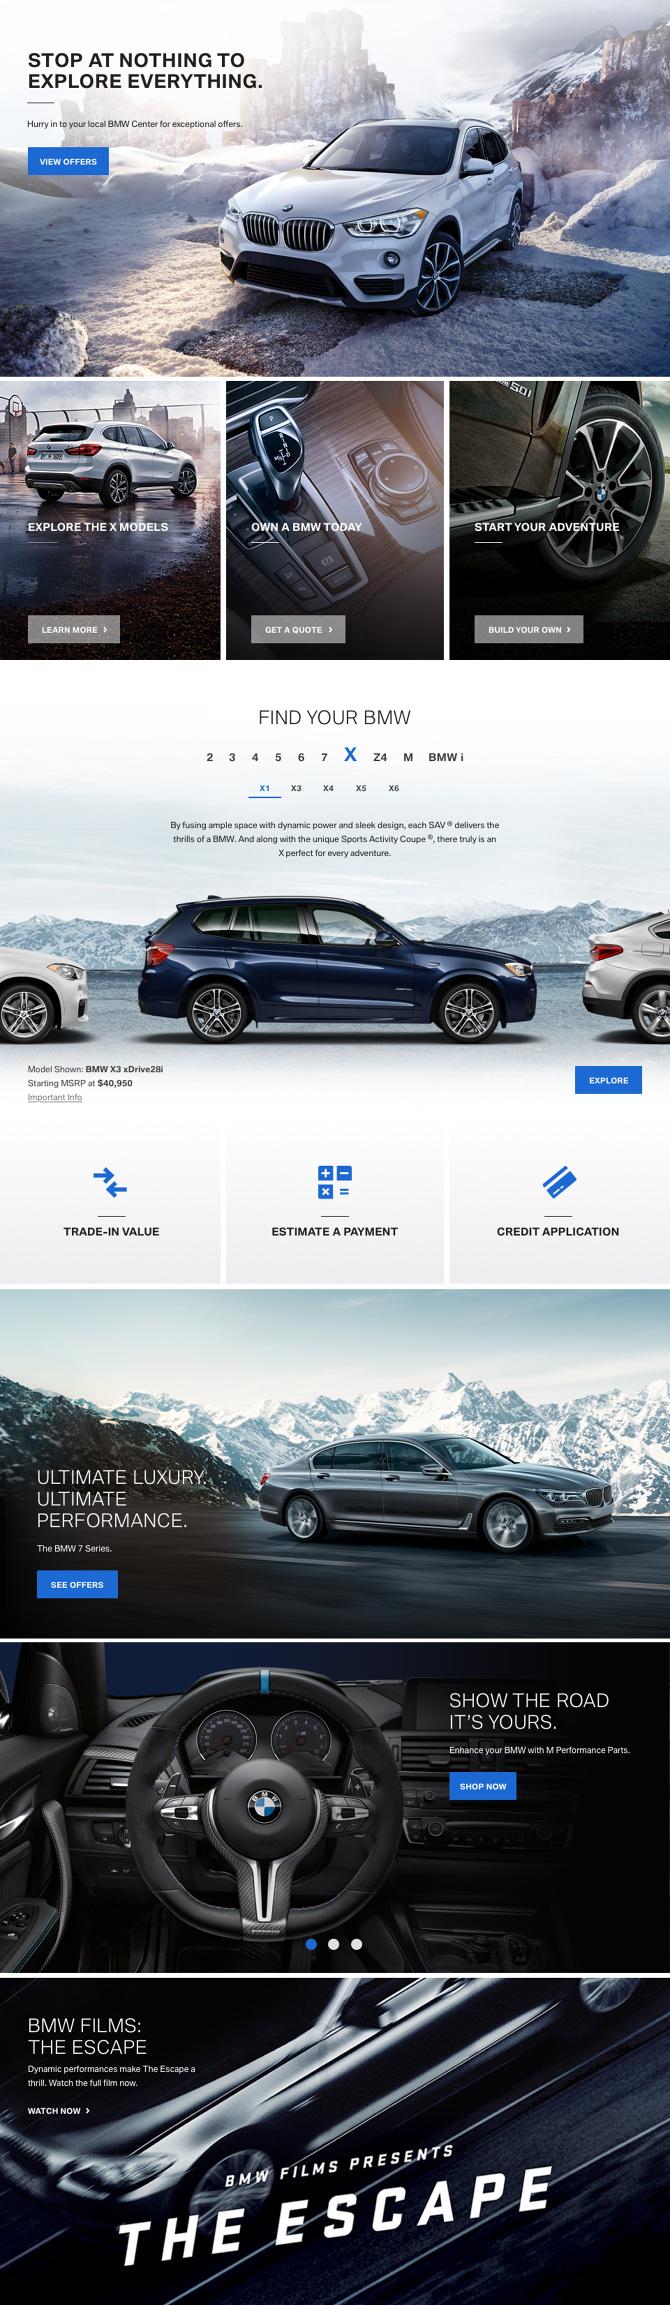 BMWRedesign_Homepage_20161220_670.jpg